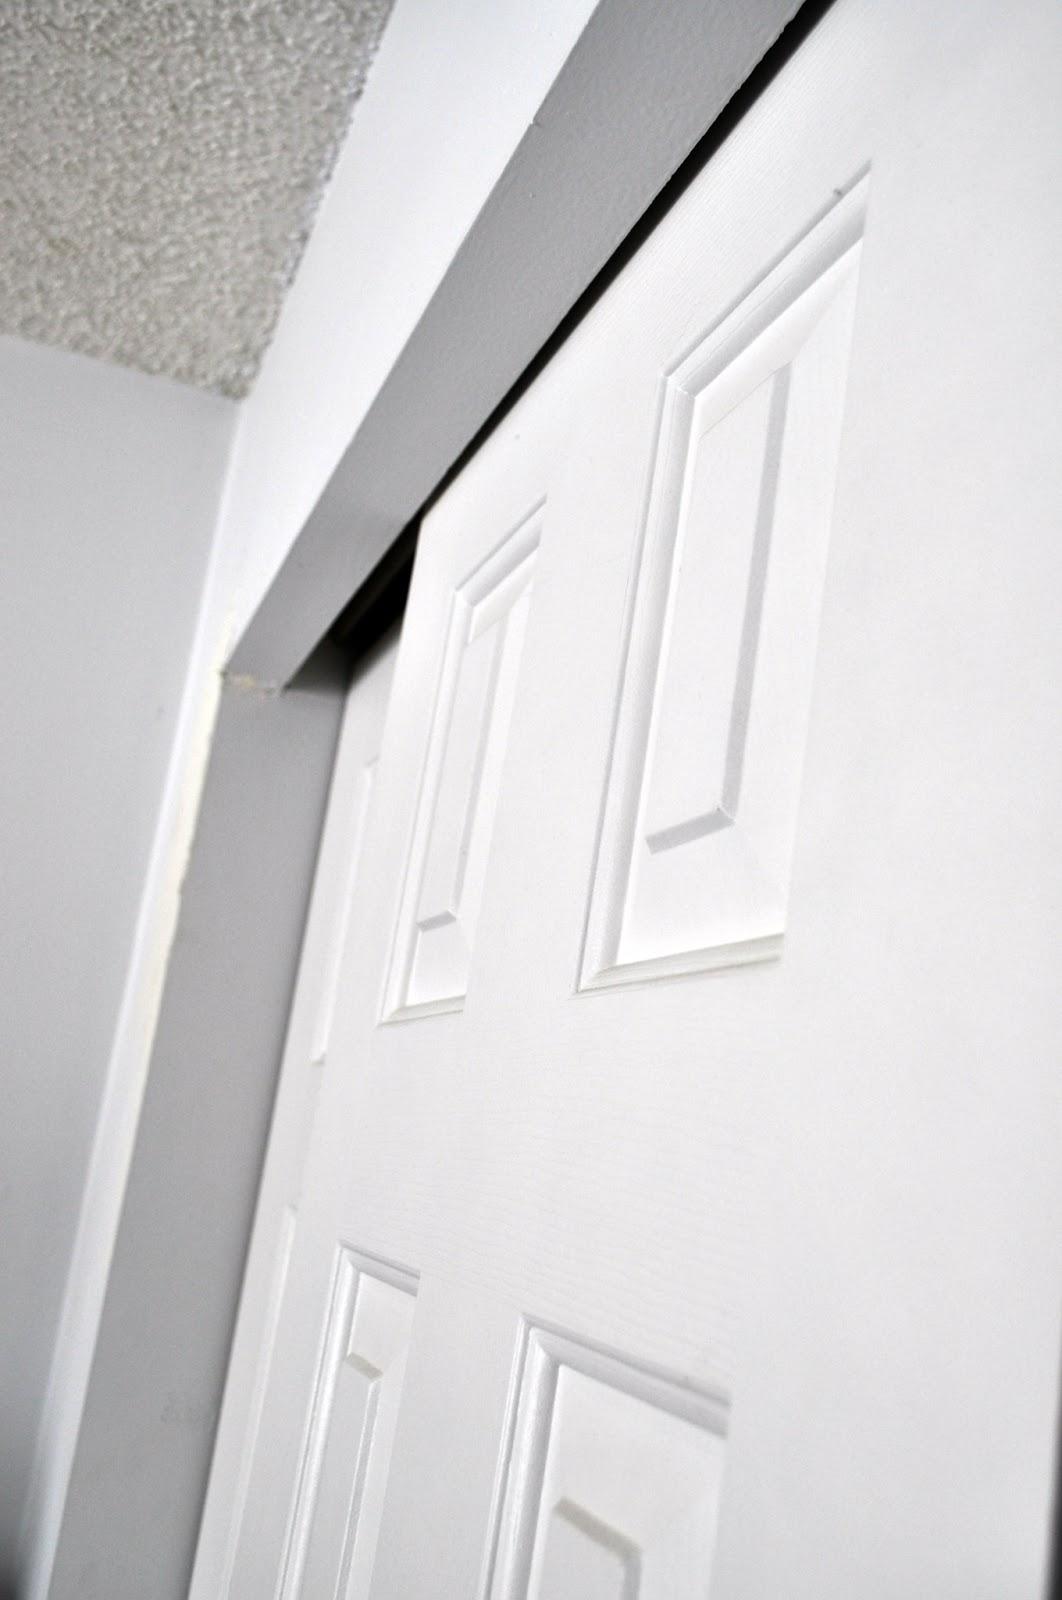 Updating Closet Doors Keep Calm And Decorate Updating Closet Doors